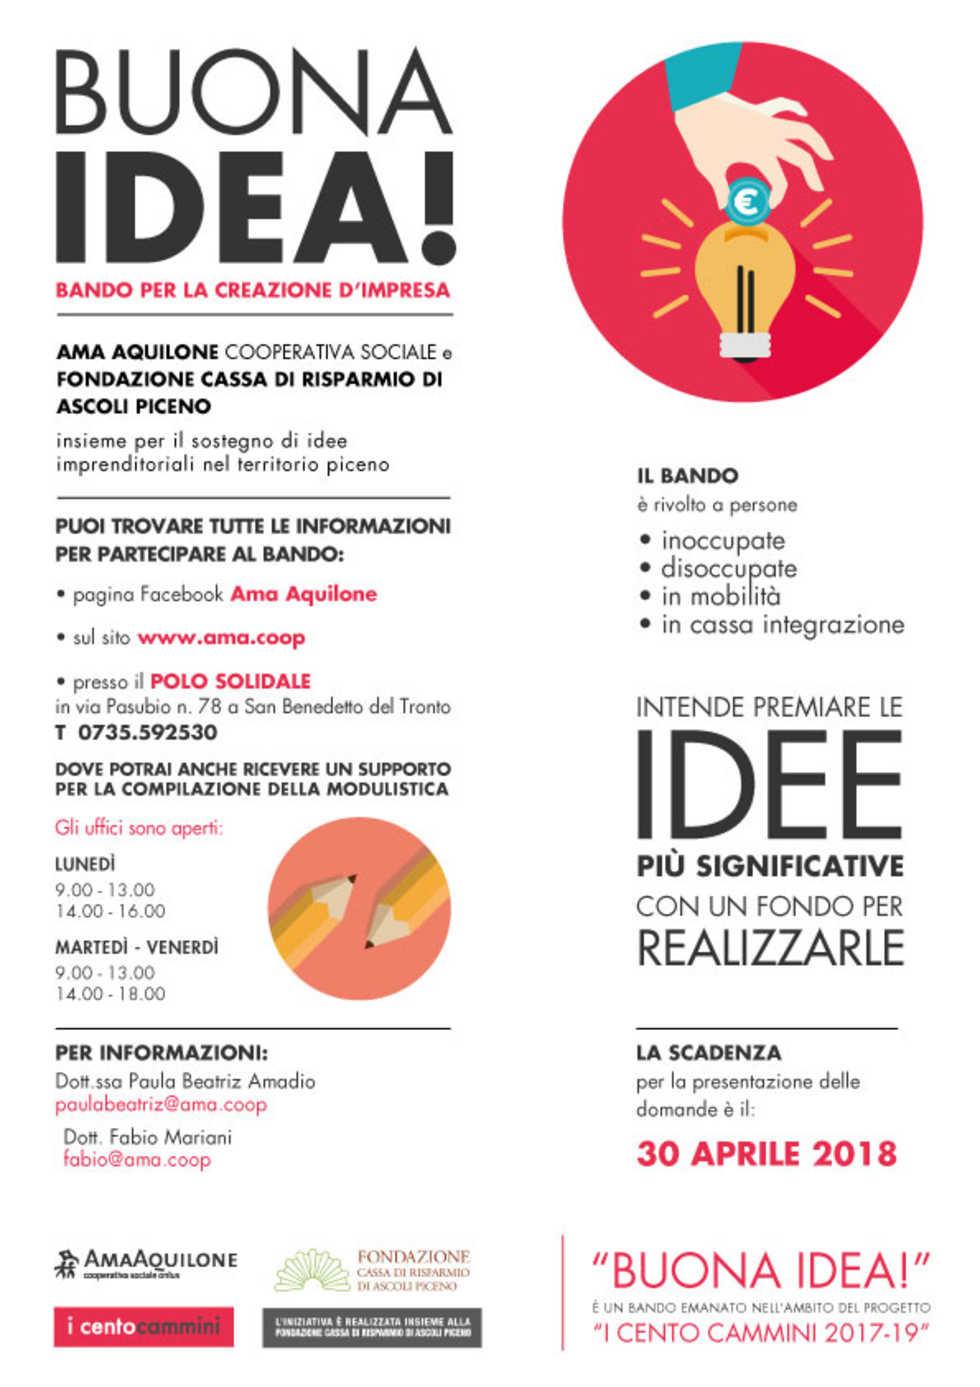 'Buona idea!' bando per la creazione d'impresa